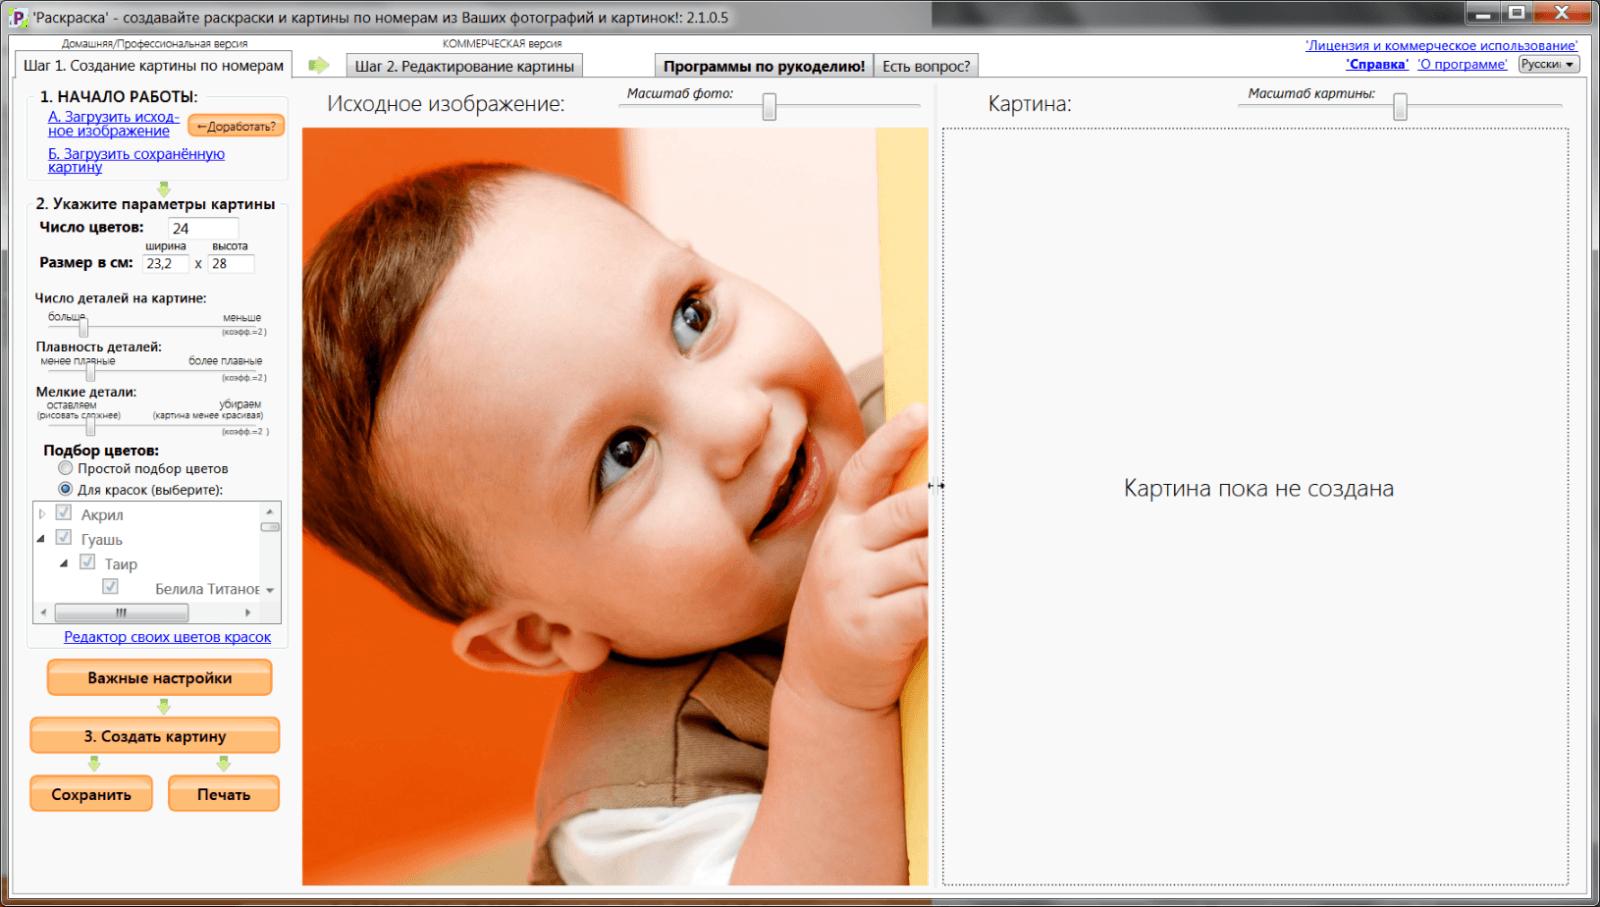 1. Интерфейс Раскраски после загрузки исходного фото